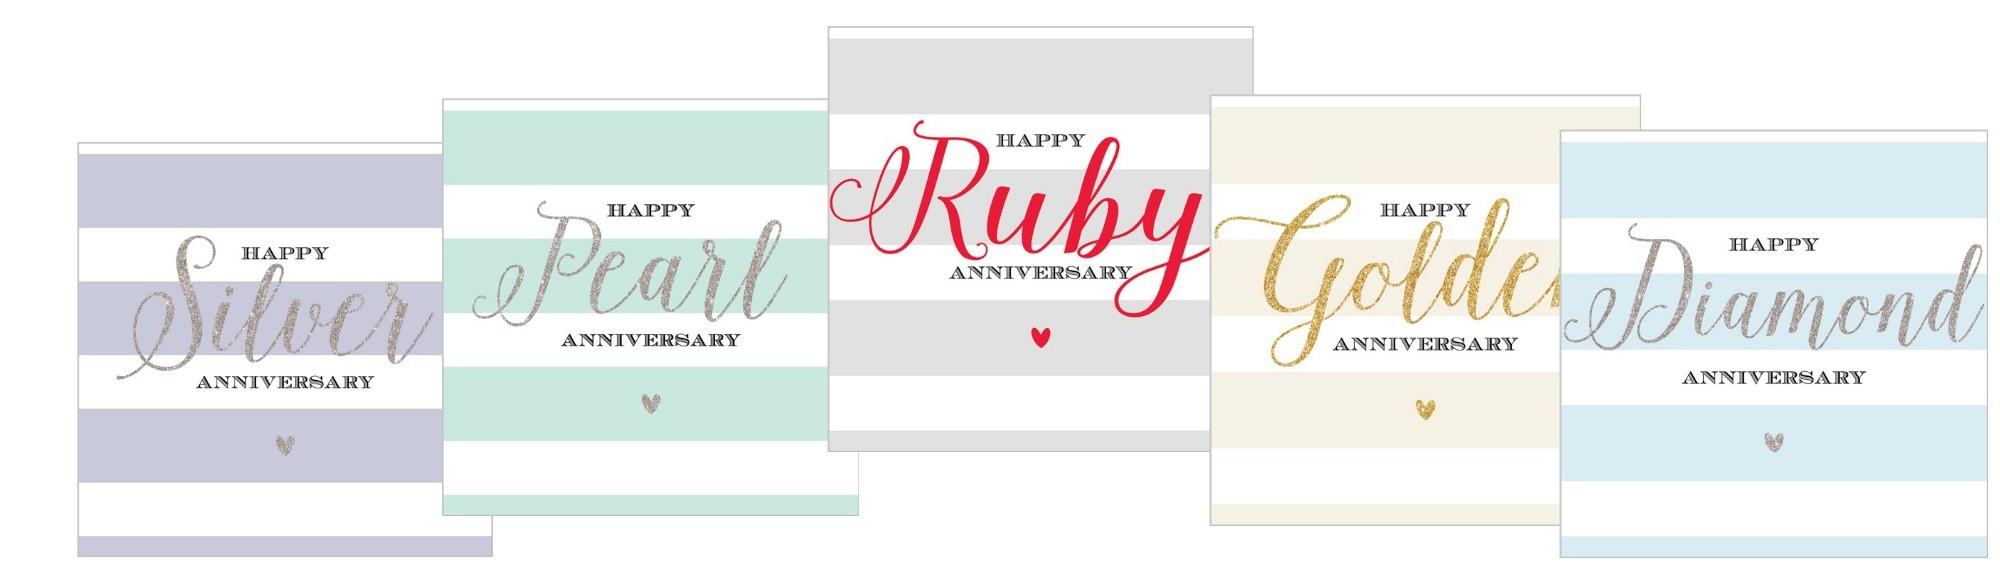 Anniversary Milestone Gift Cards